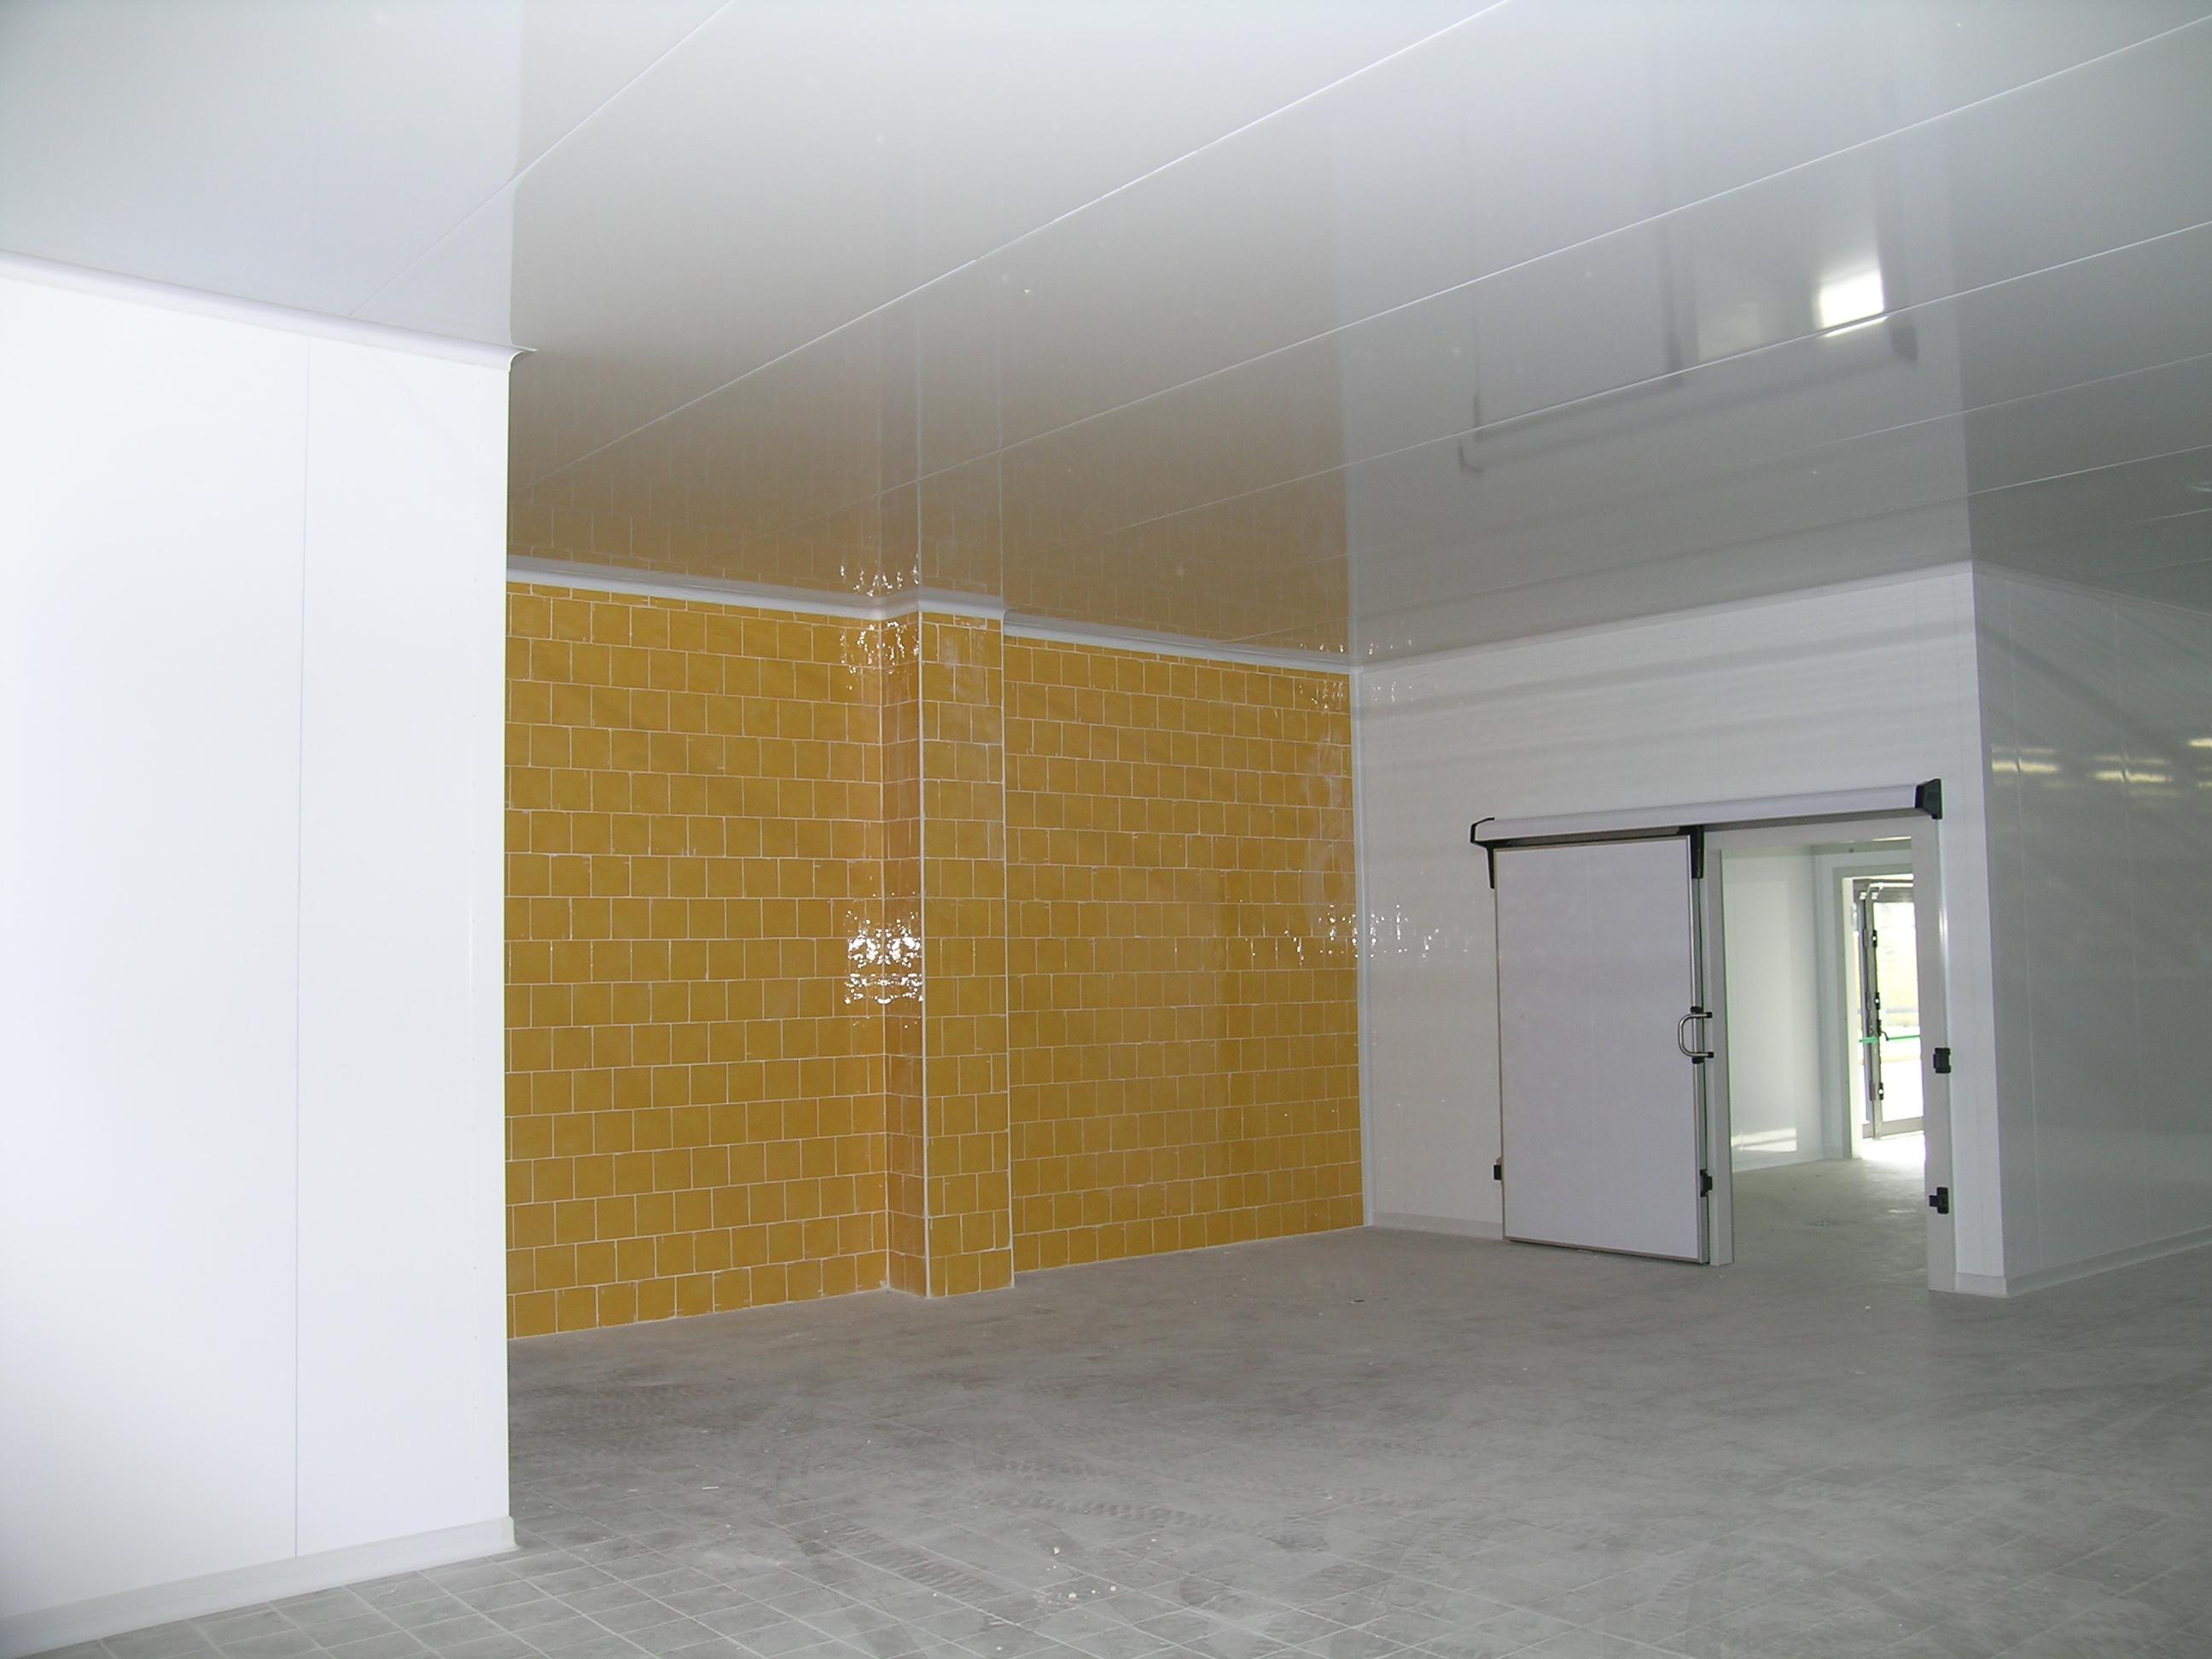 Isolamenti termici sealand foodtech for Isolamenti termici